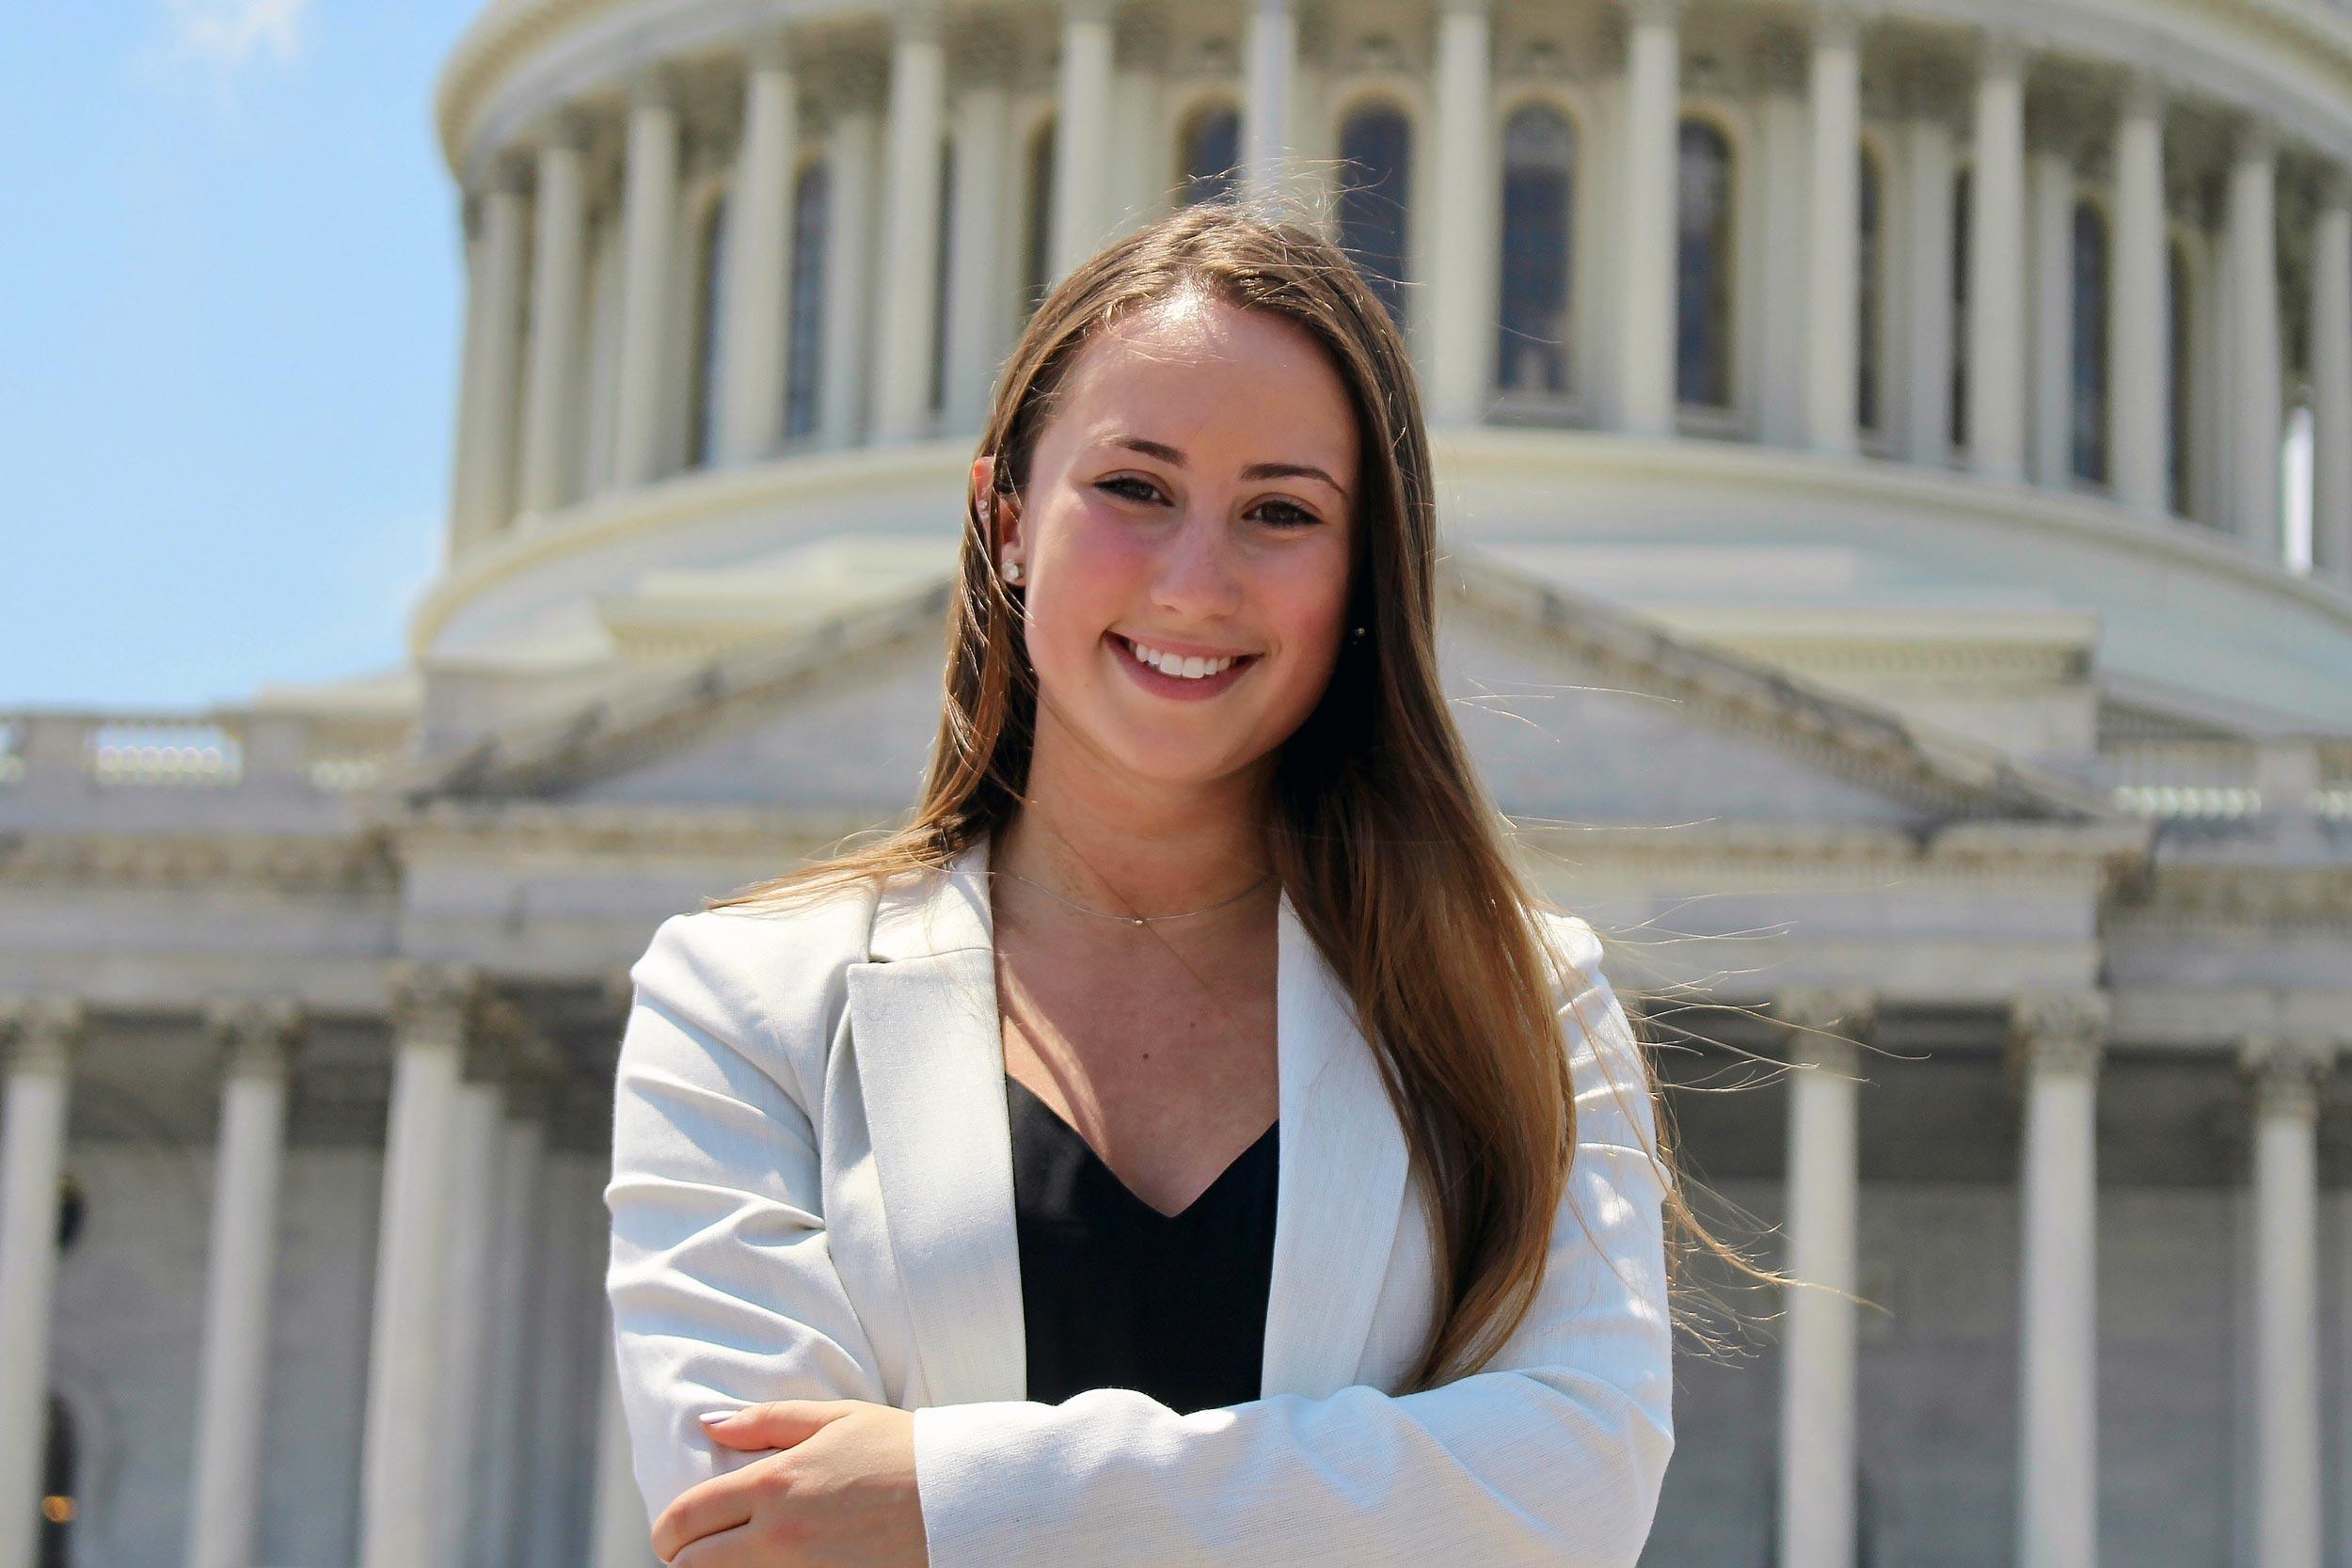 Jenna Kaufman